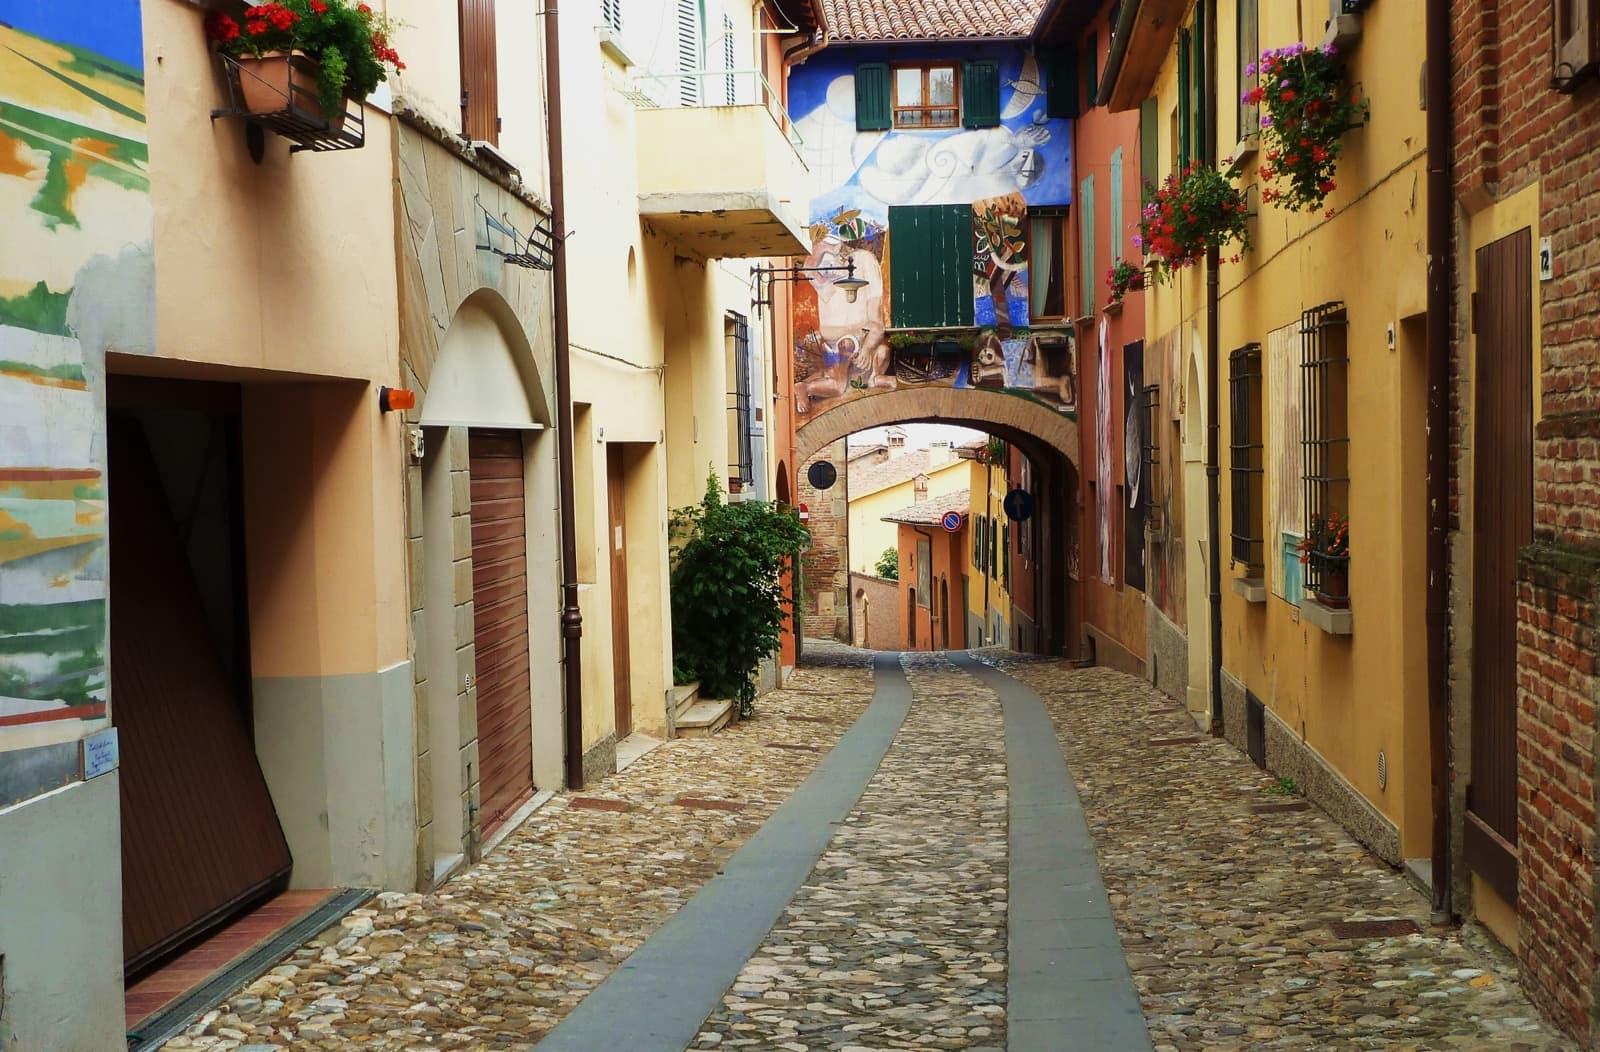 Lungo la Via Emilia: 7 itinerari per conoscere l'Emilia-Romagna